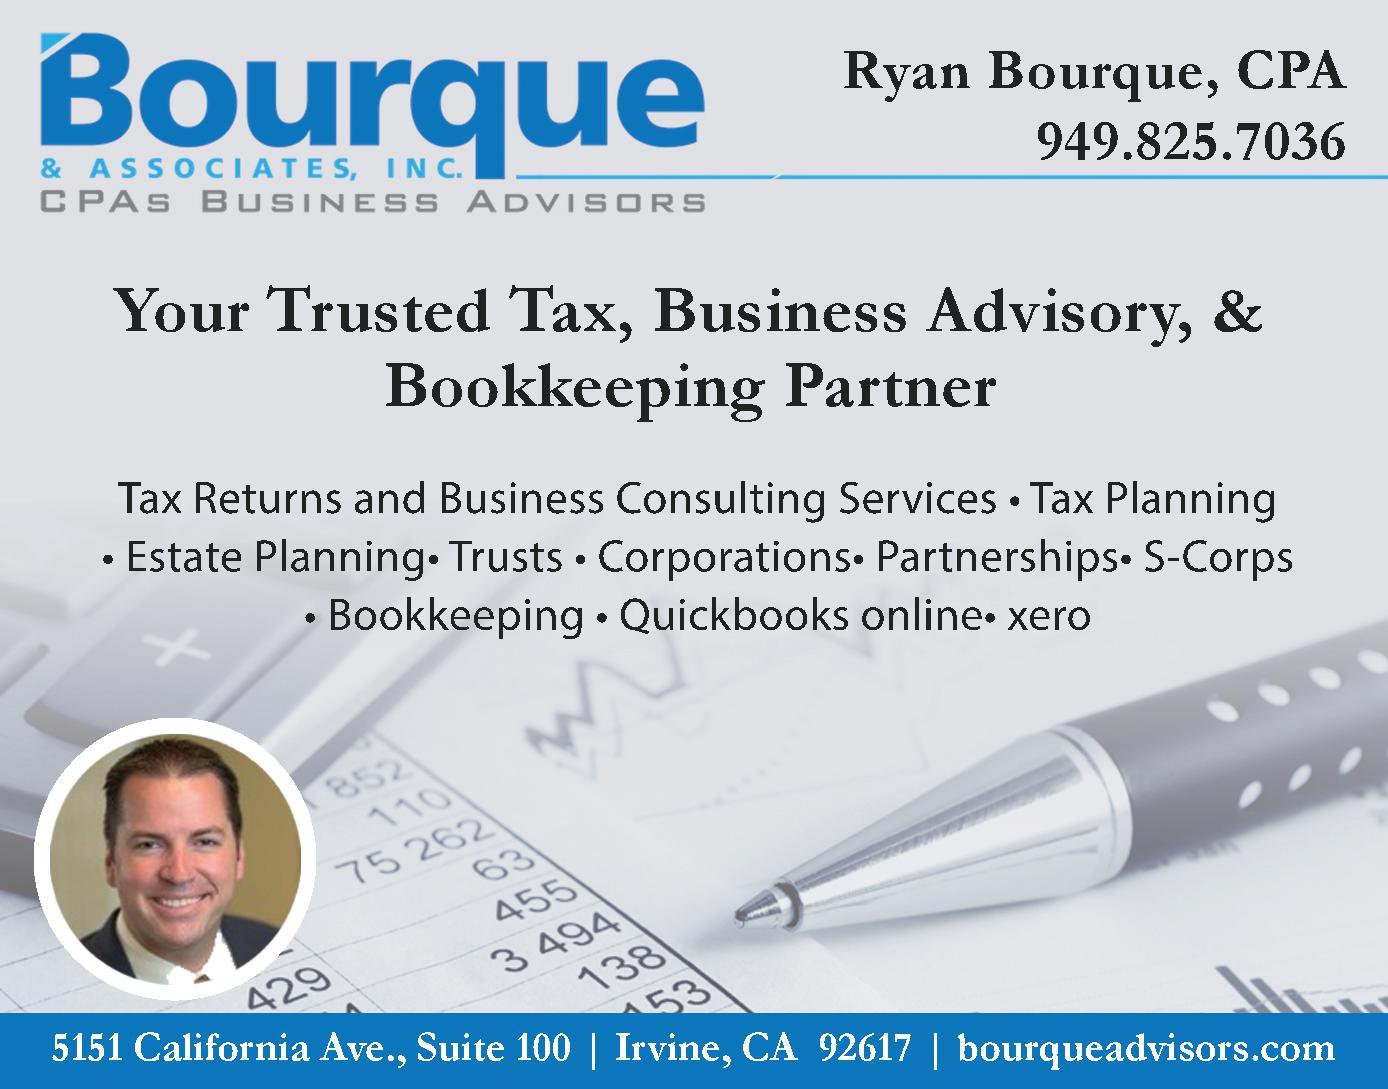 Bourque & Associates, Inc.